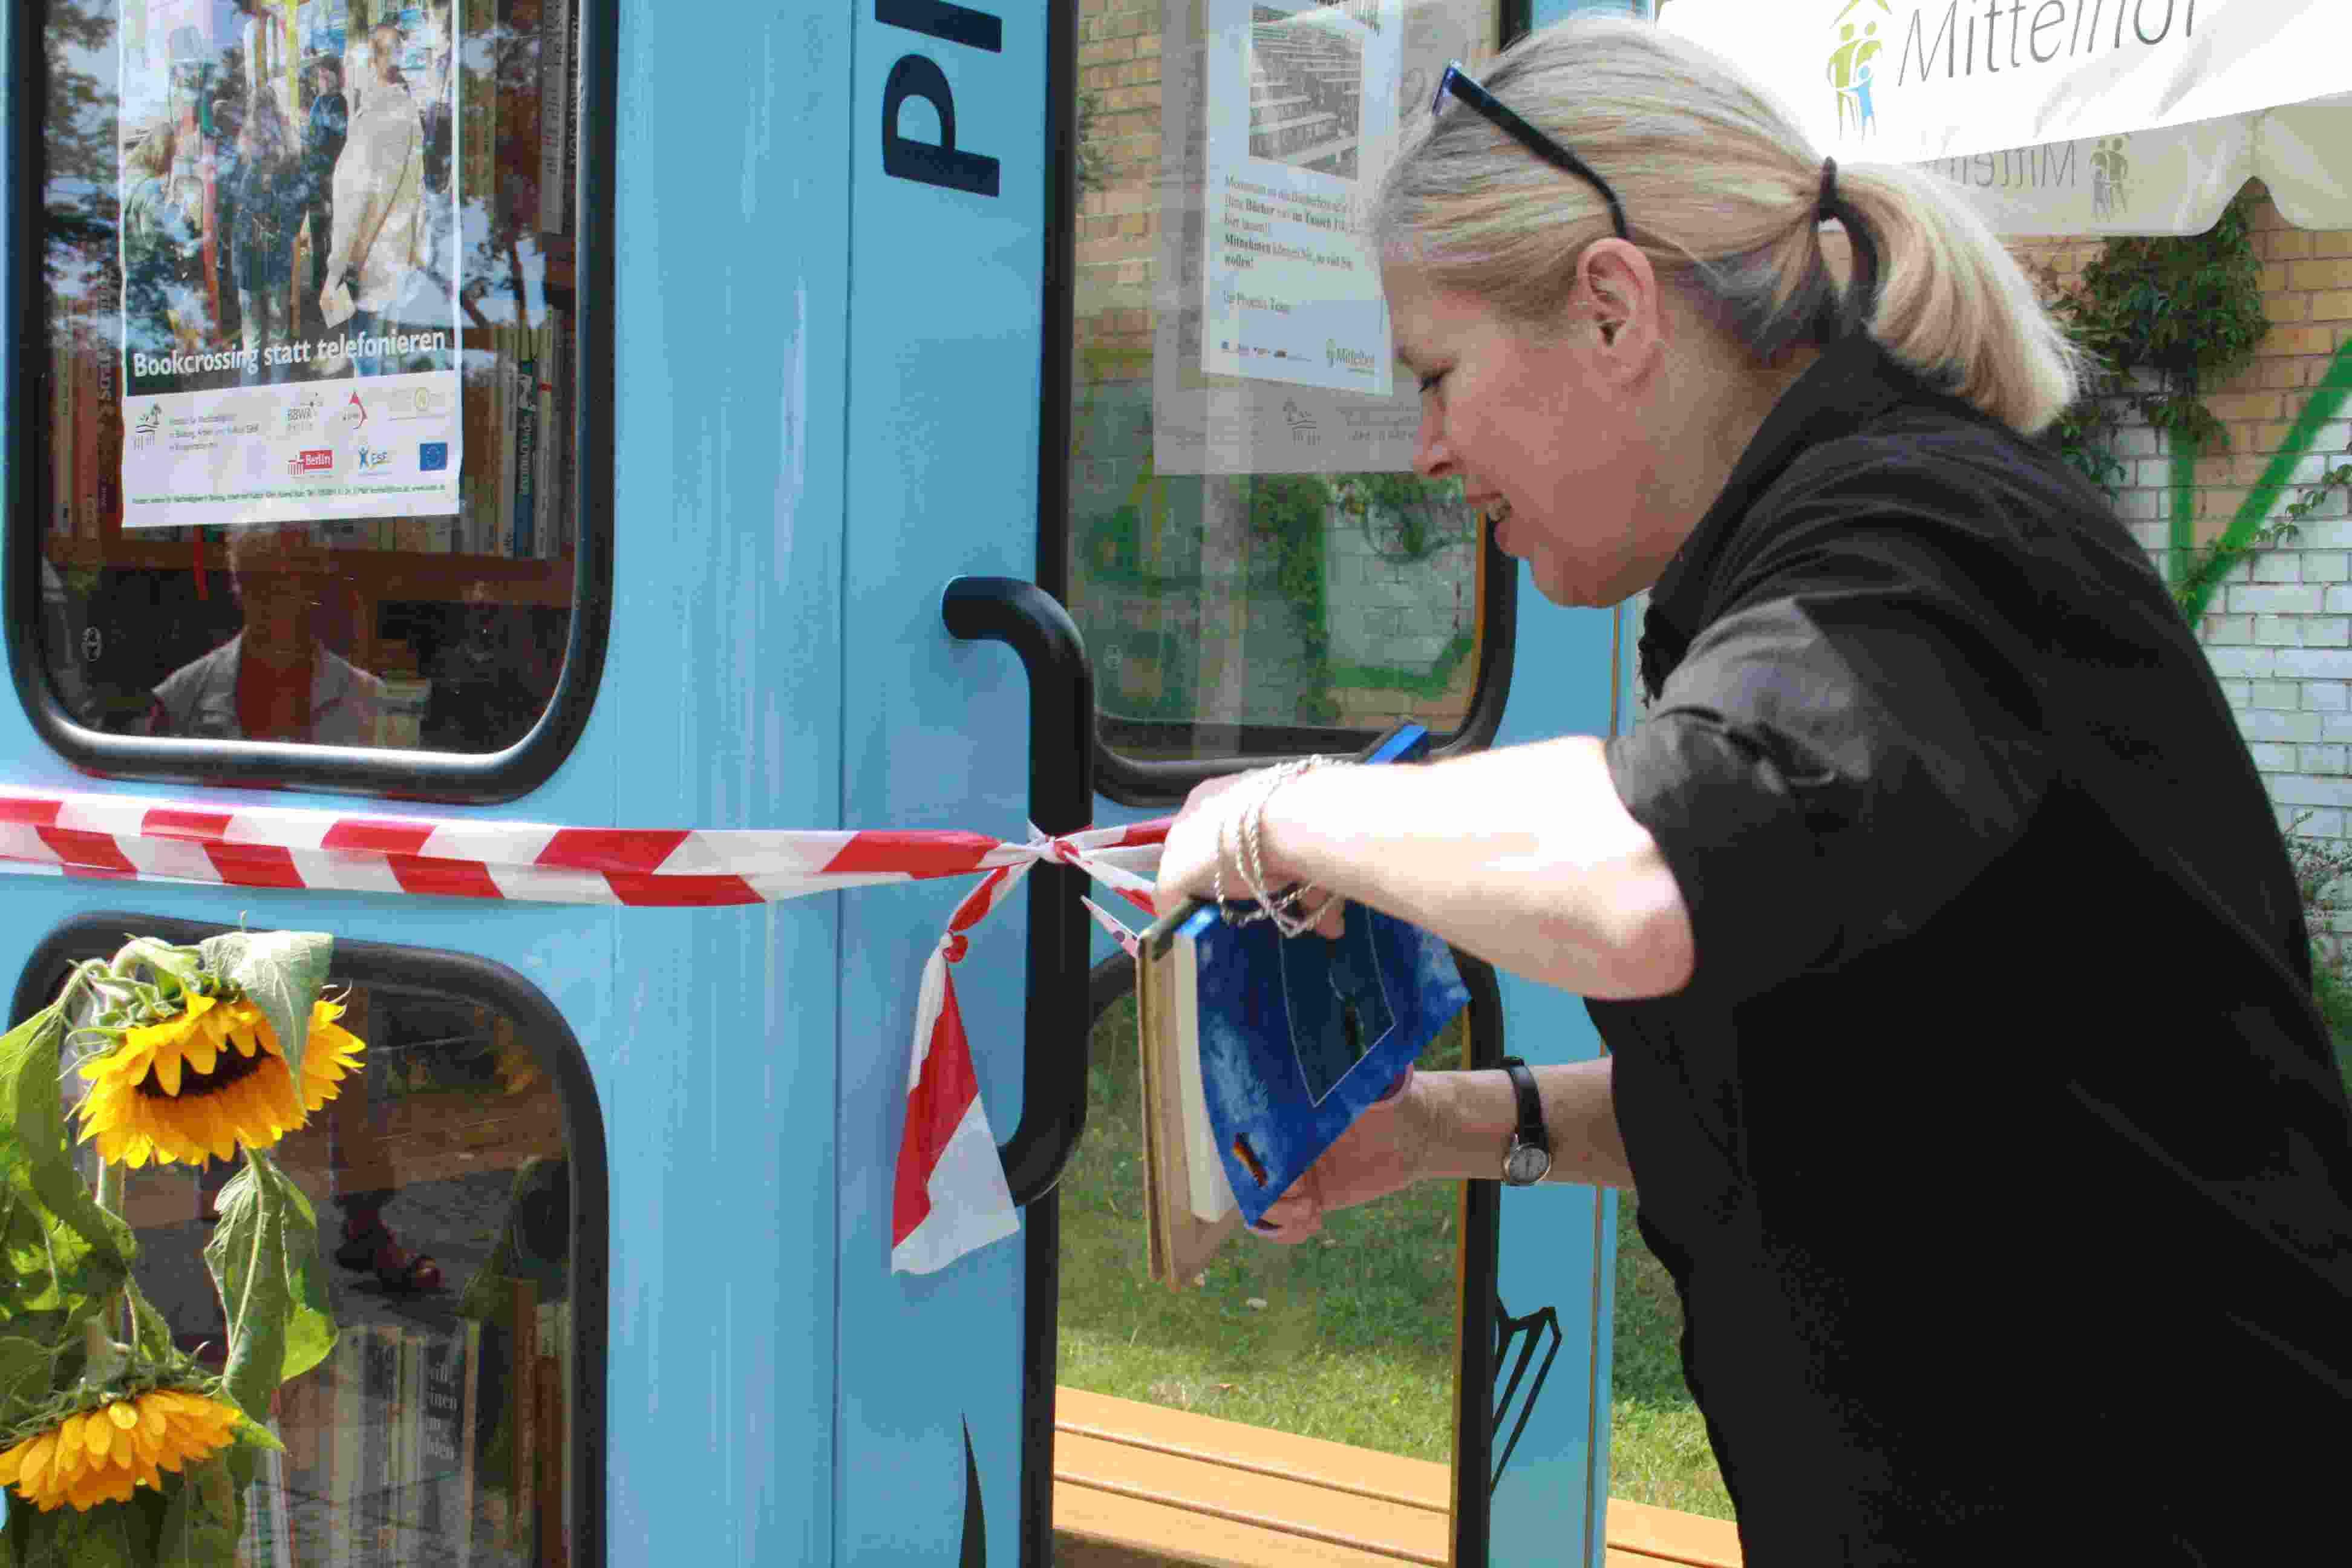 Lesen statt Quatschen: 1. Bücherboxx in Zehlendorf eröffnet